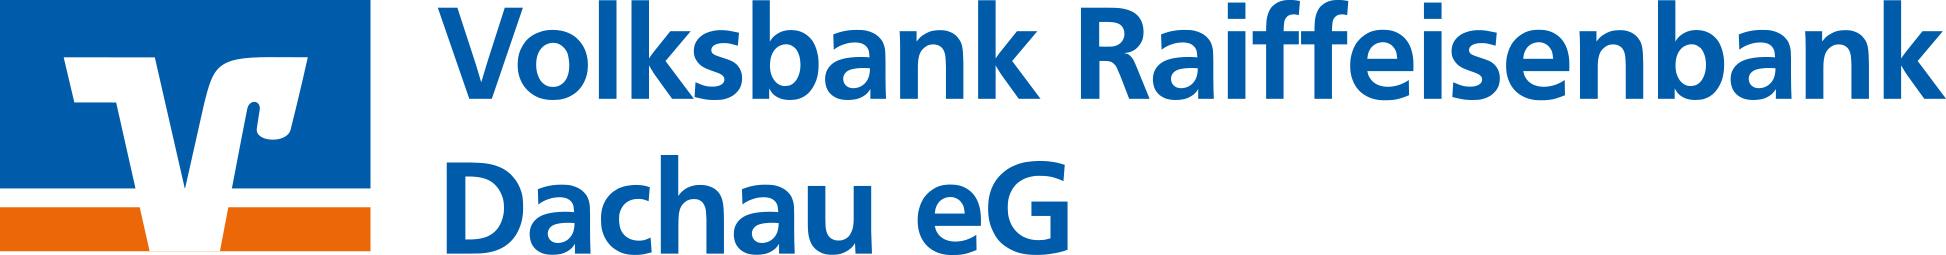 Logo der Volksbank Raiffeisenbank